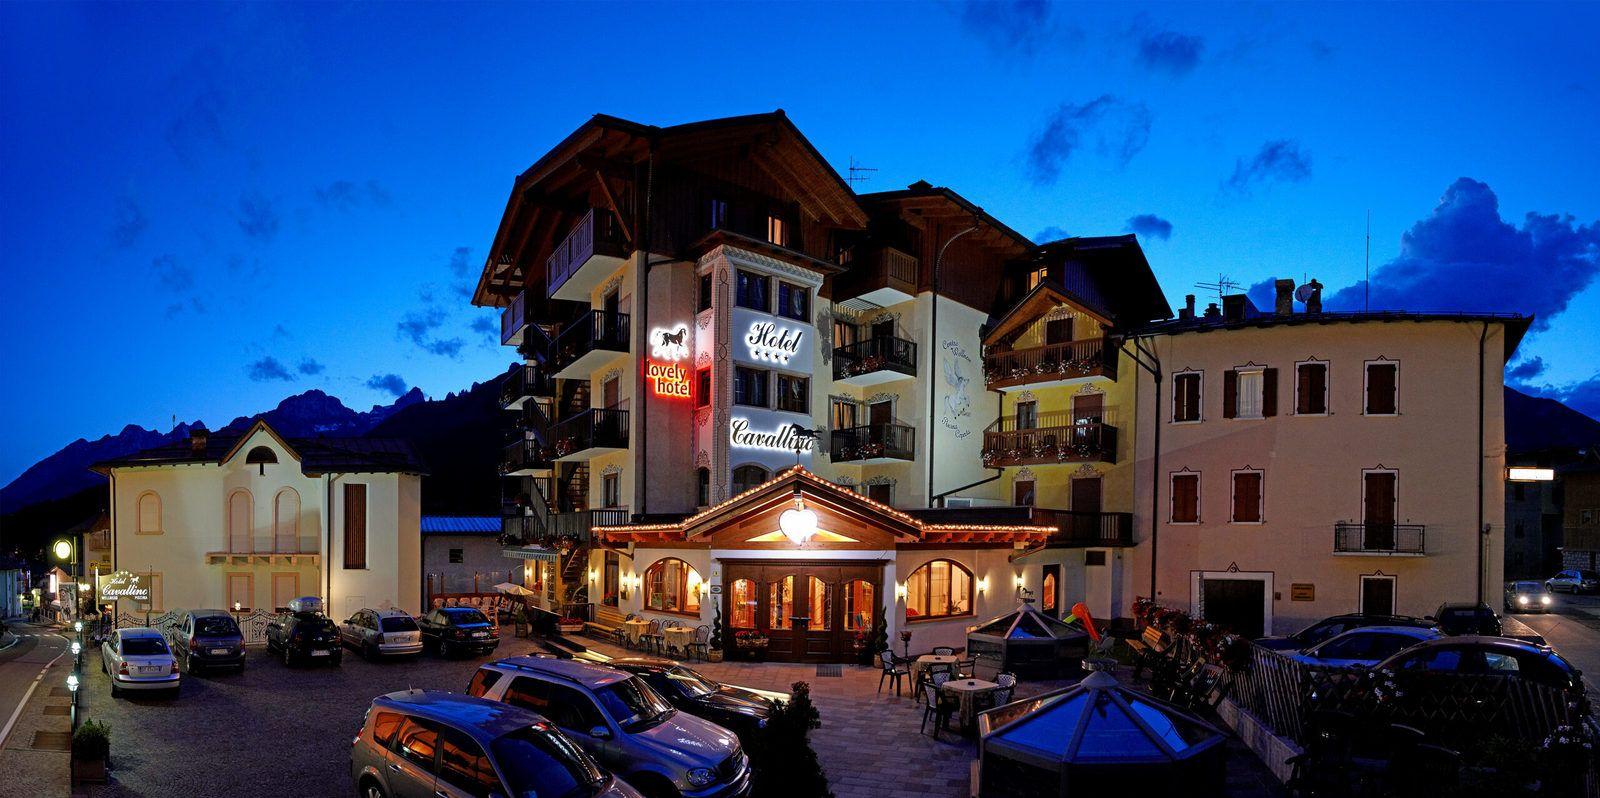 Hotel Cavallino ad Andalo in Trentino